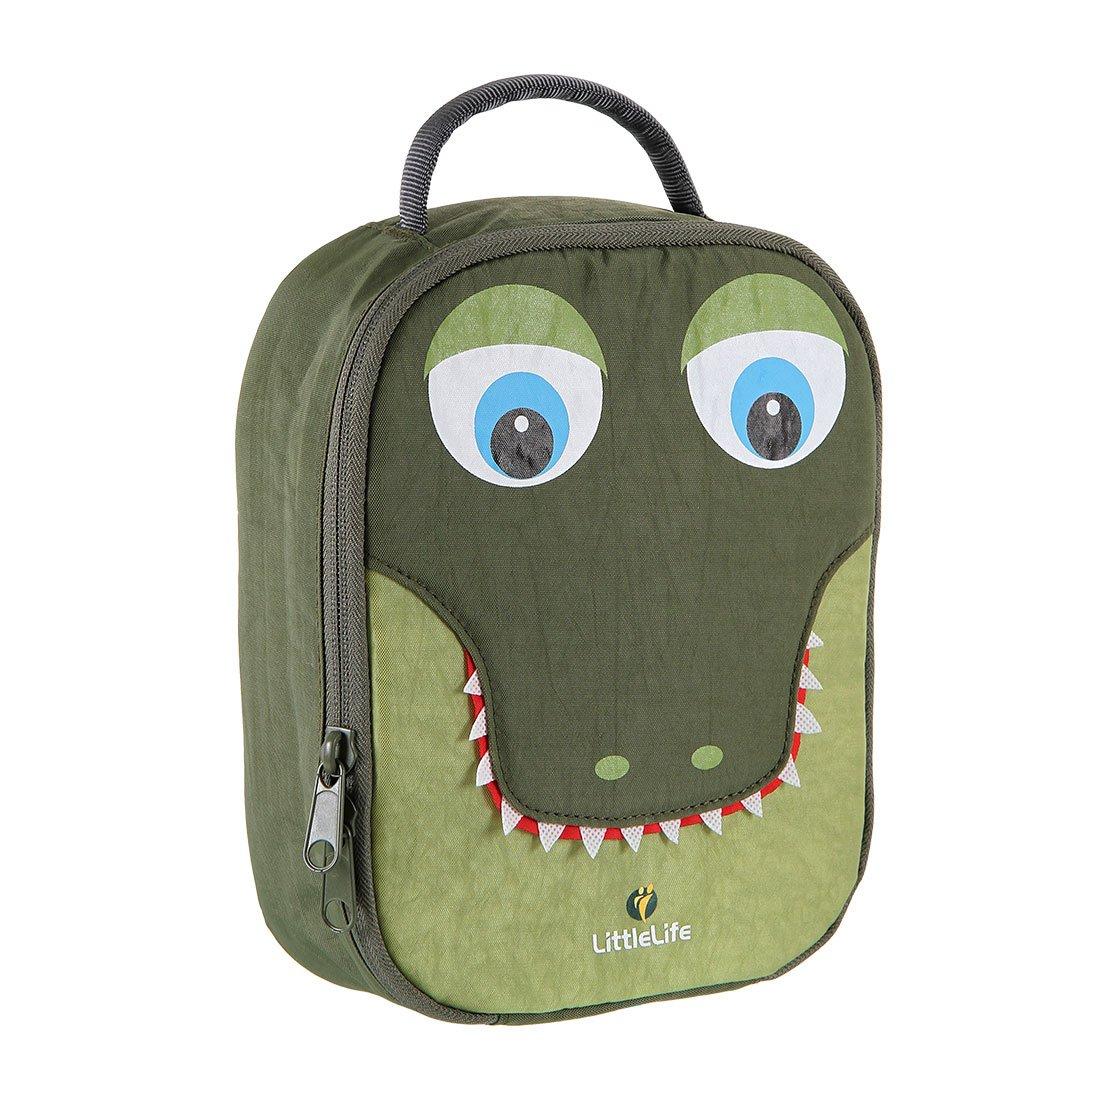 crocodile lunch bag kids lunch box littlelife. Black Bedroom Furniture Sets. Home Design Ideas